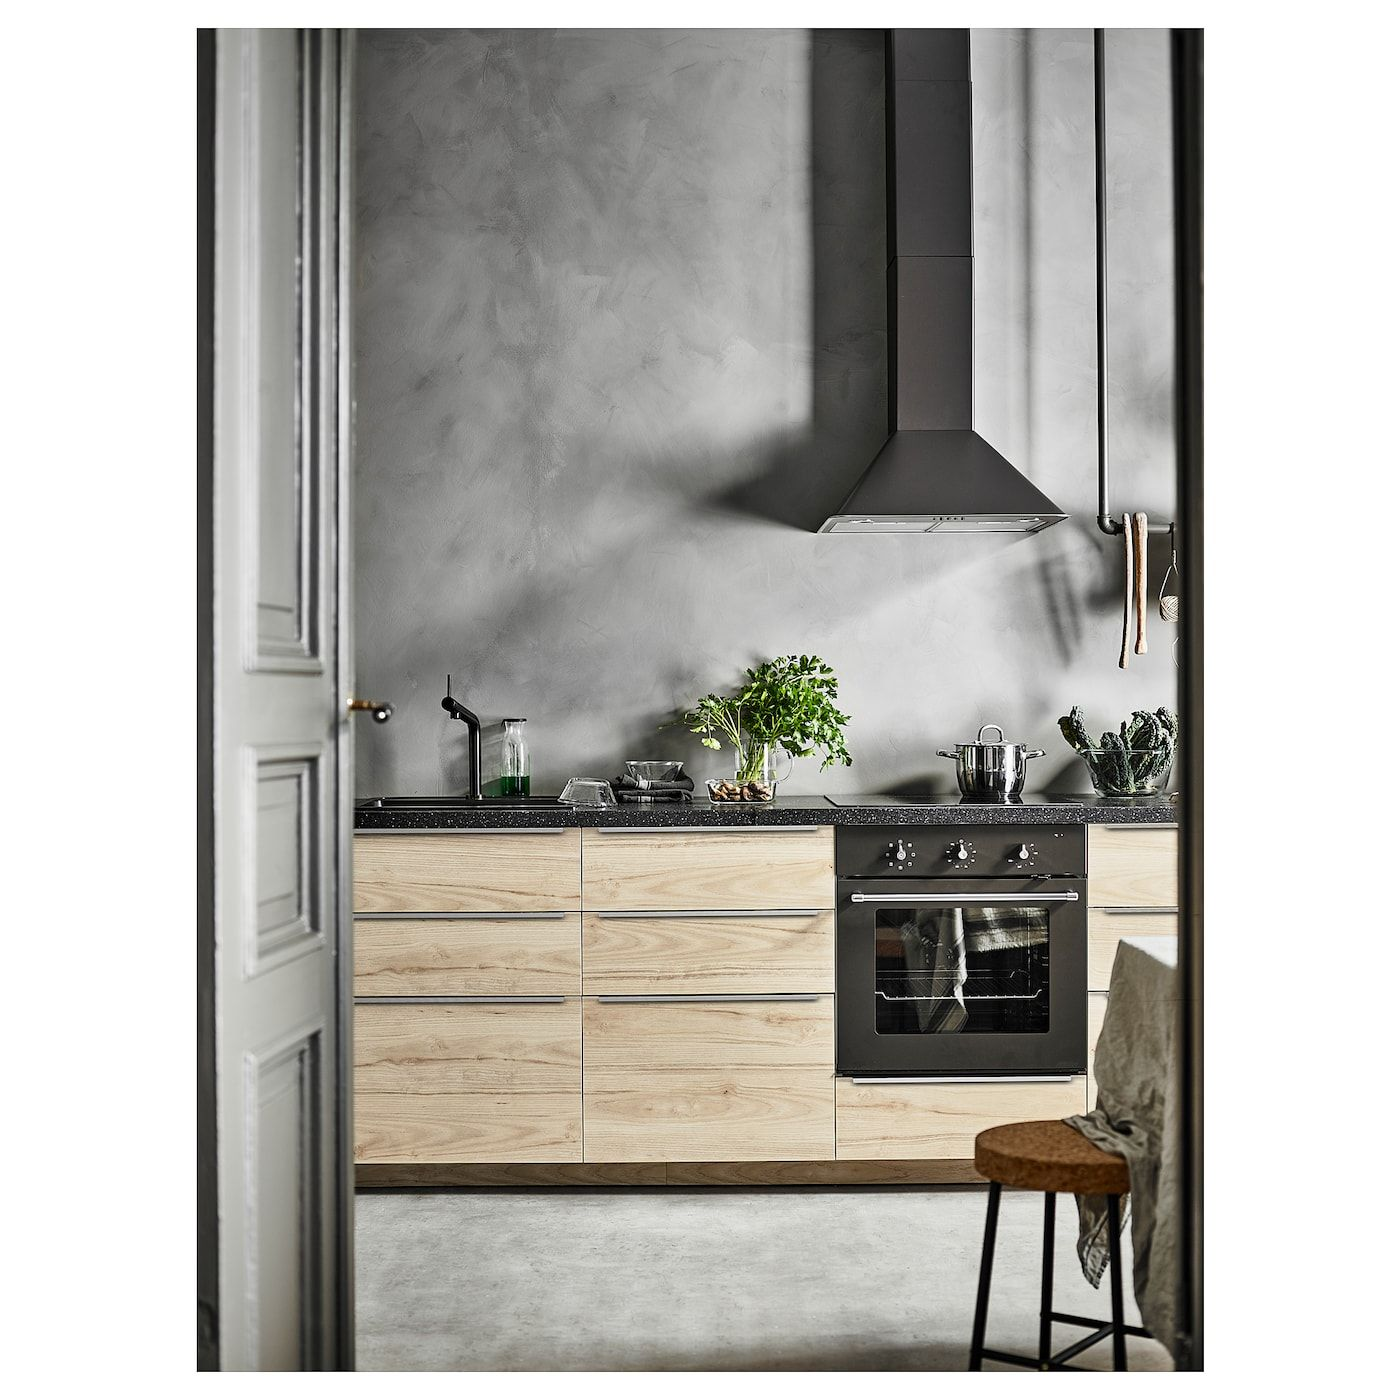 Saljan Arbeitsplatte Schwarz Quarzmuster Laminat Ikea Deutschland Scandinavian Kitchen Kitchen Styling Kitchen Style